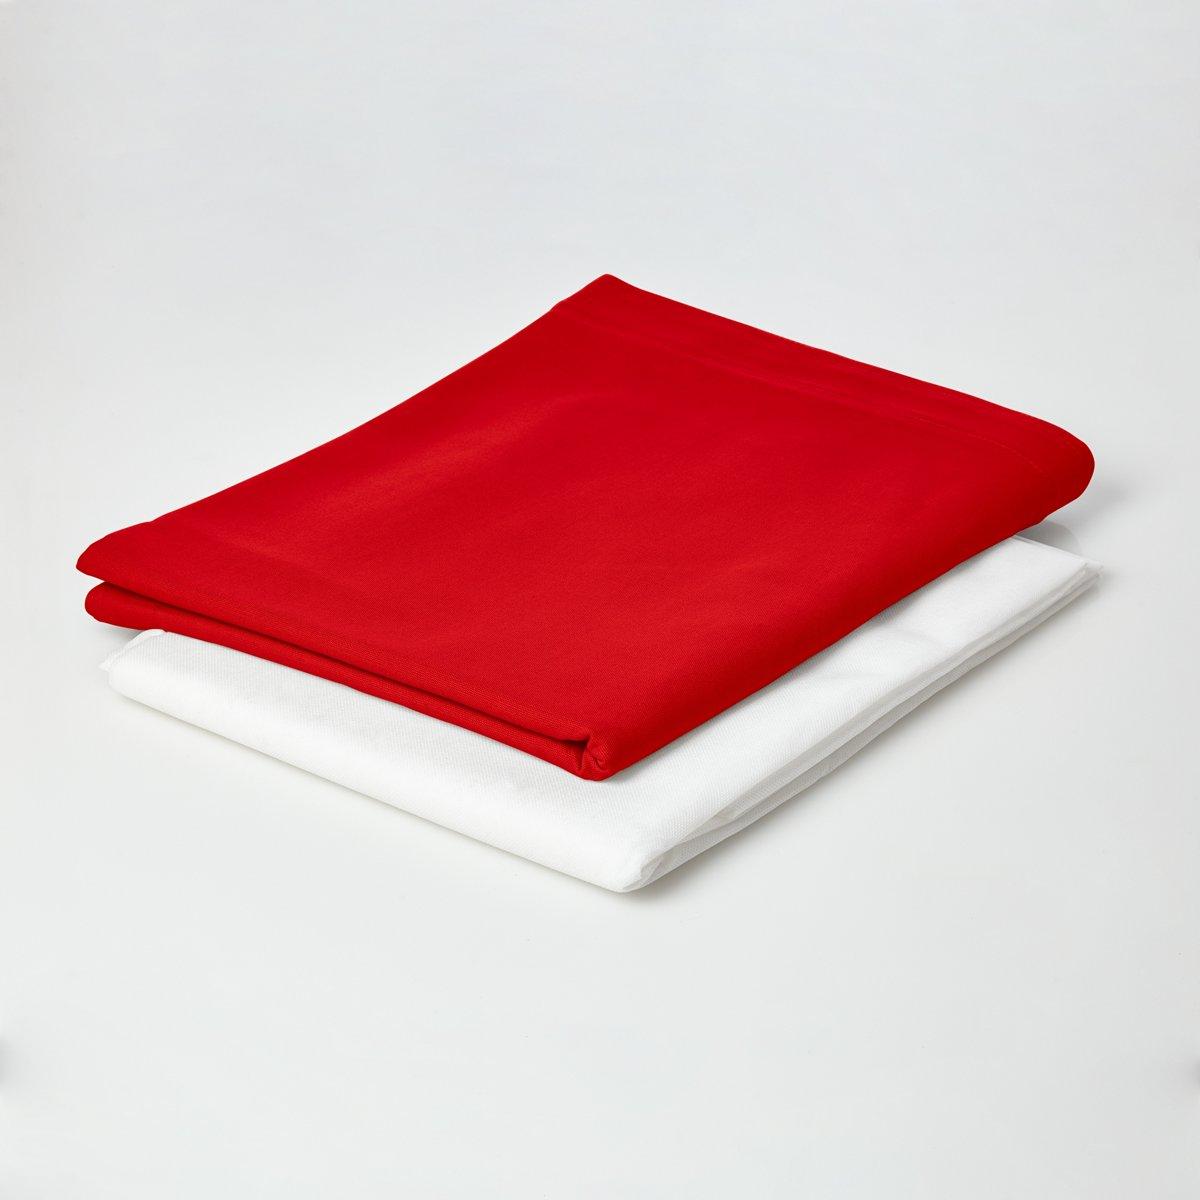 Lumaland - Hoes van luxe XXL zitzak - enkel de hoes zonder vulling - Volume 380 liter - 140 x 180 cm - gemaakt van 100% katoen - Rood kopen